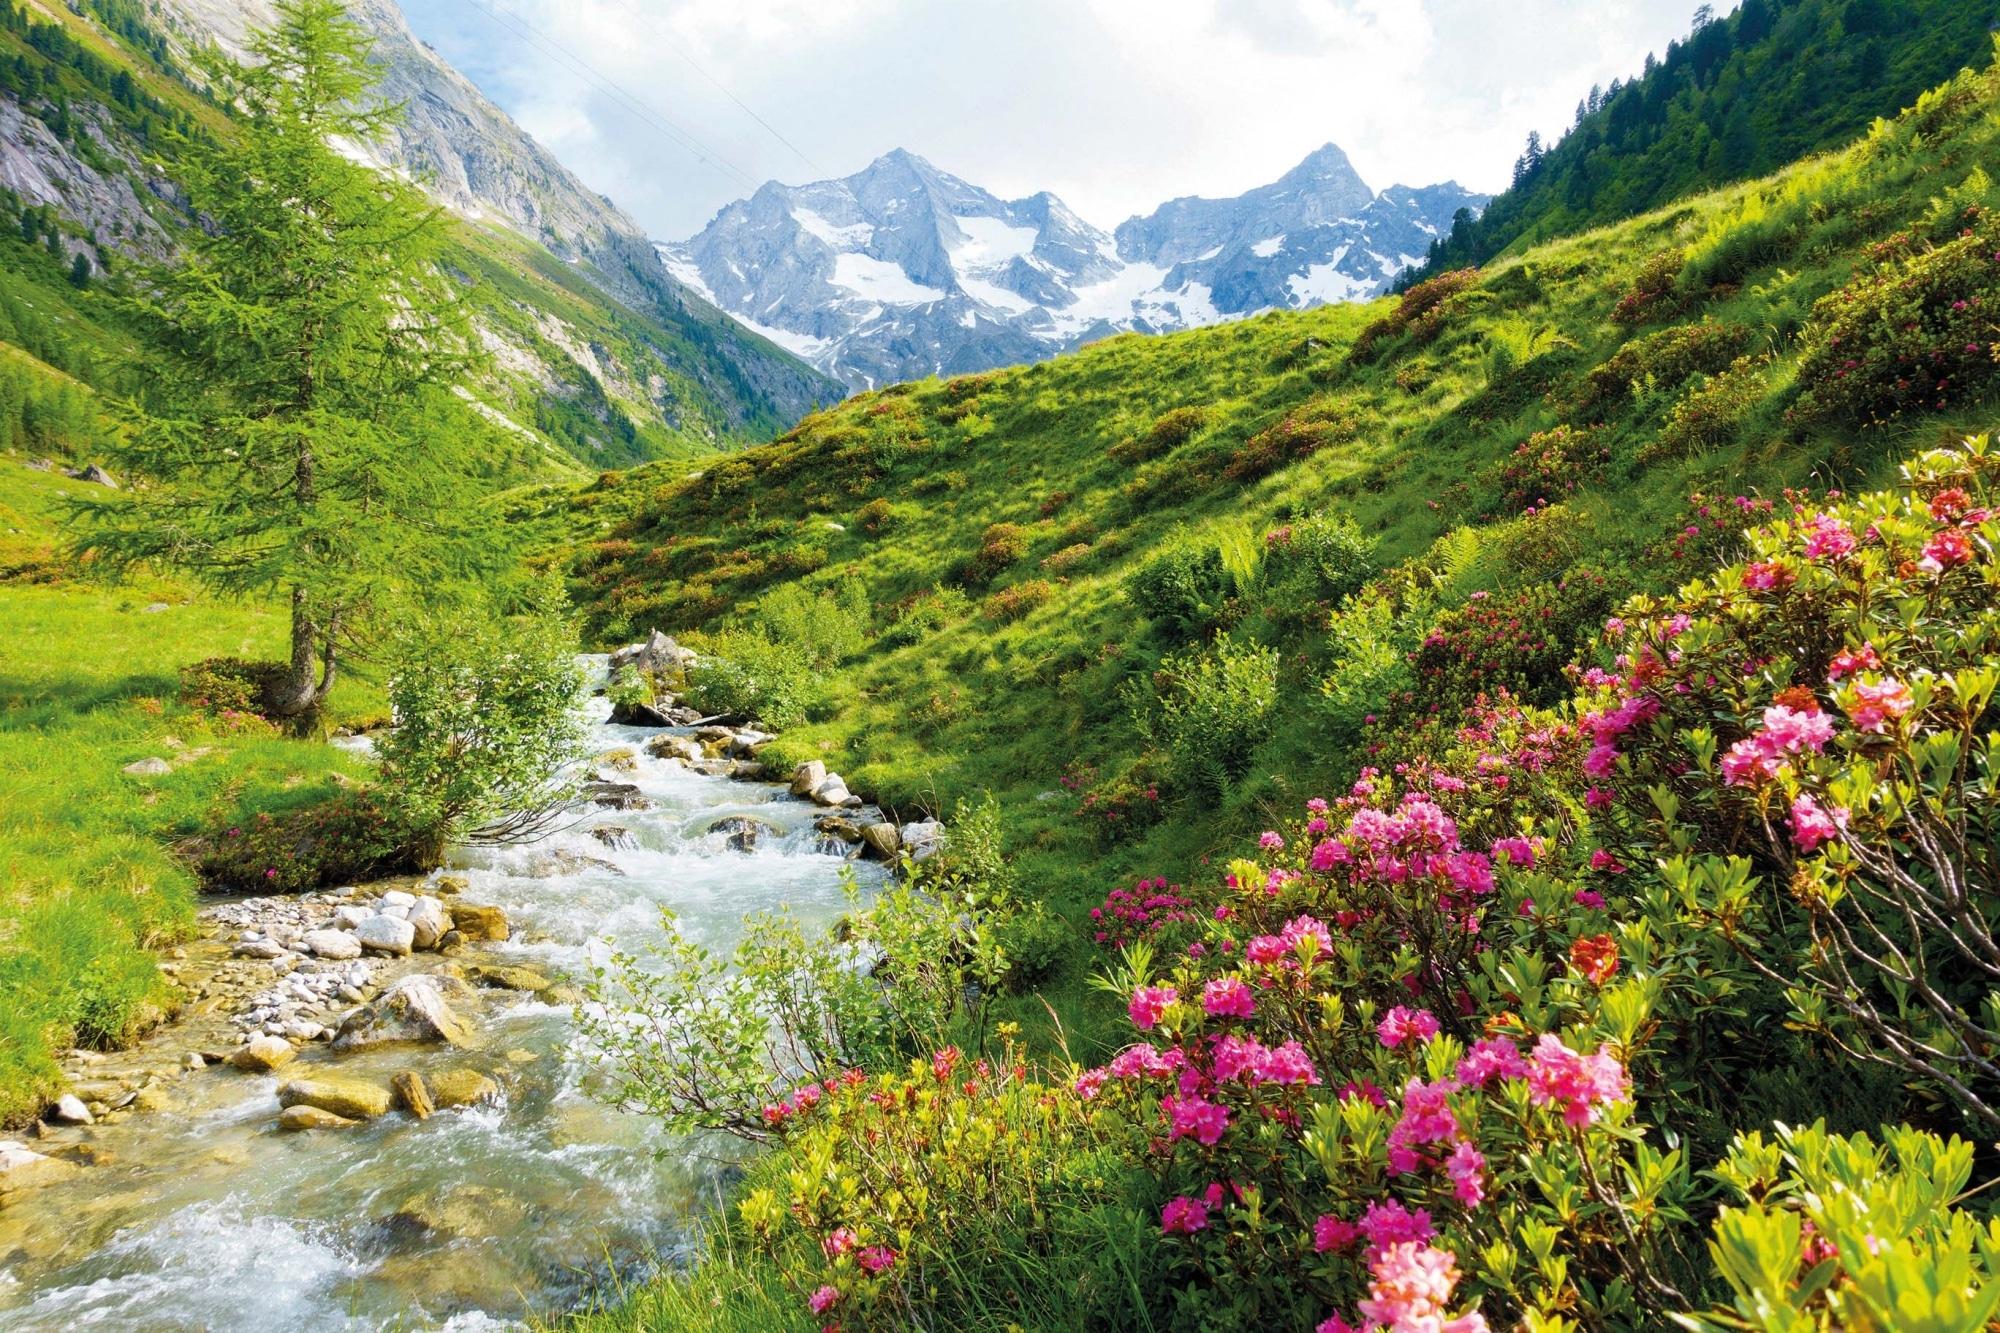 Tirol, Bergsommer, Alpenrosen am Hochgebirgsbach